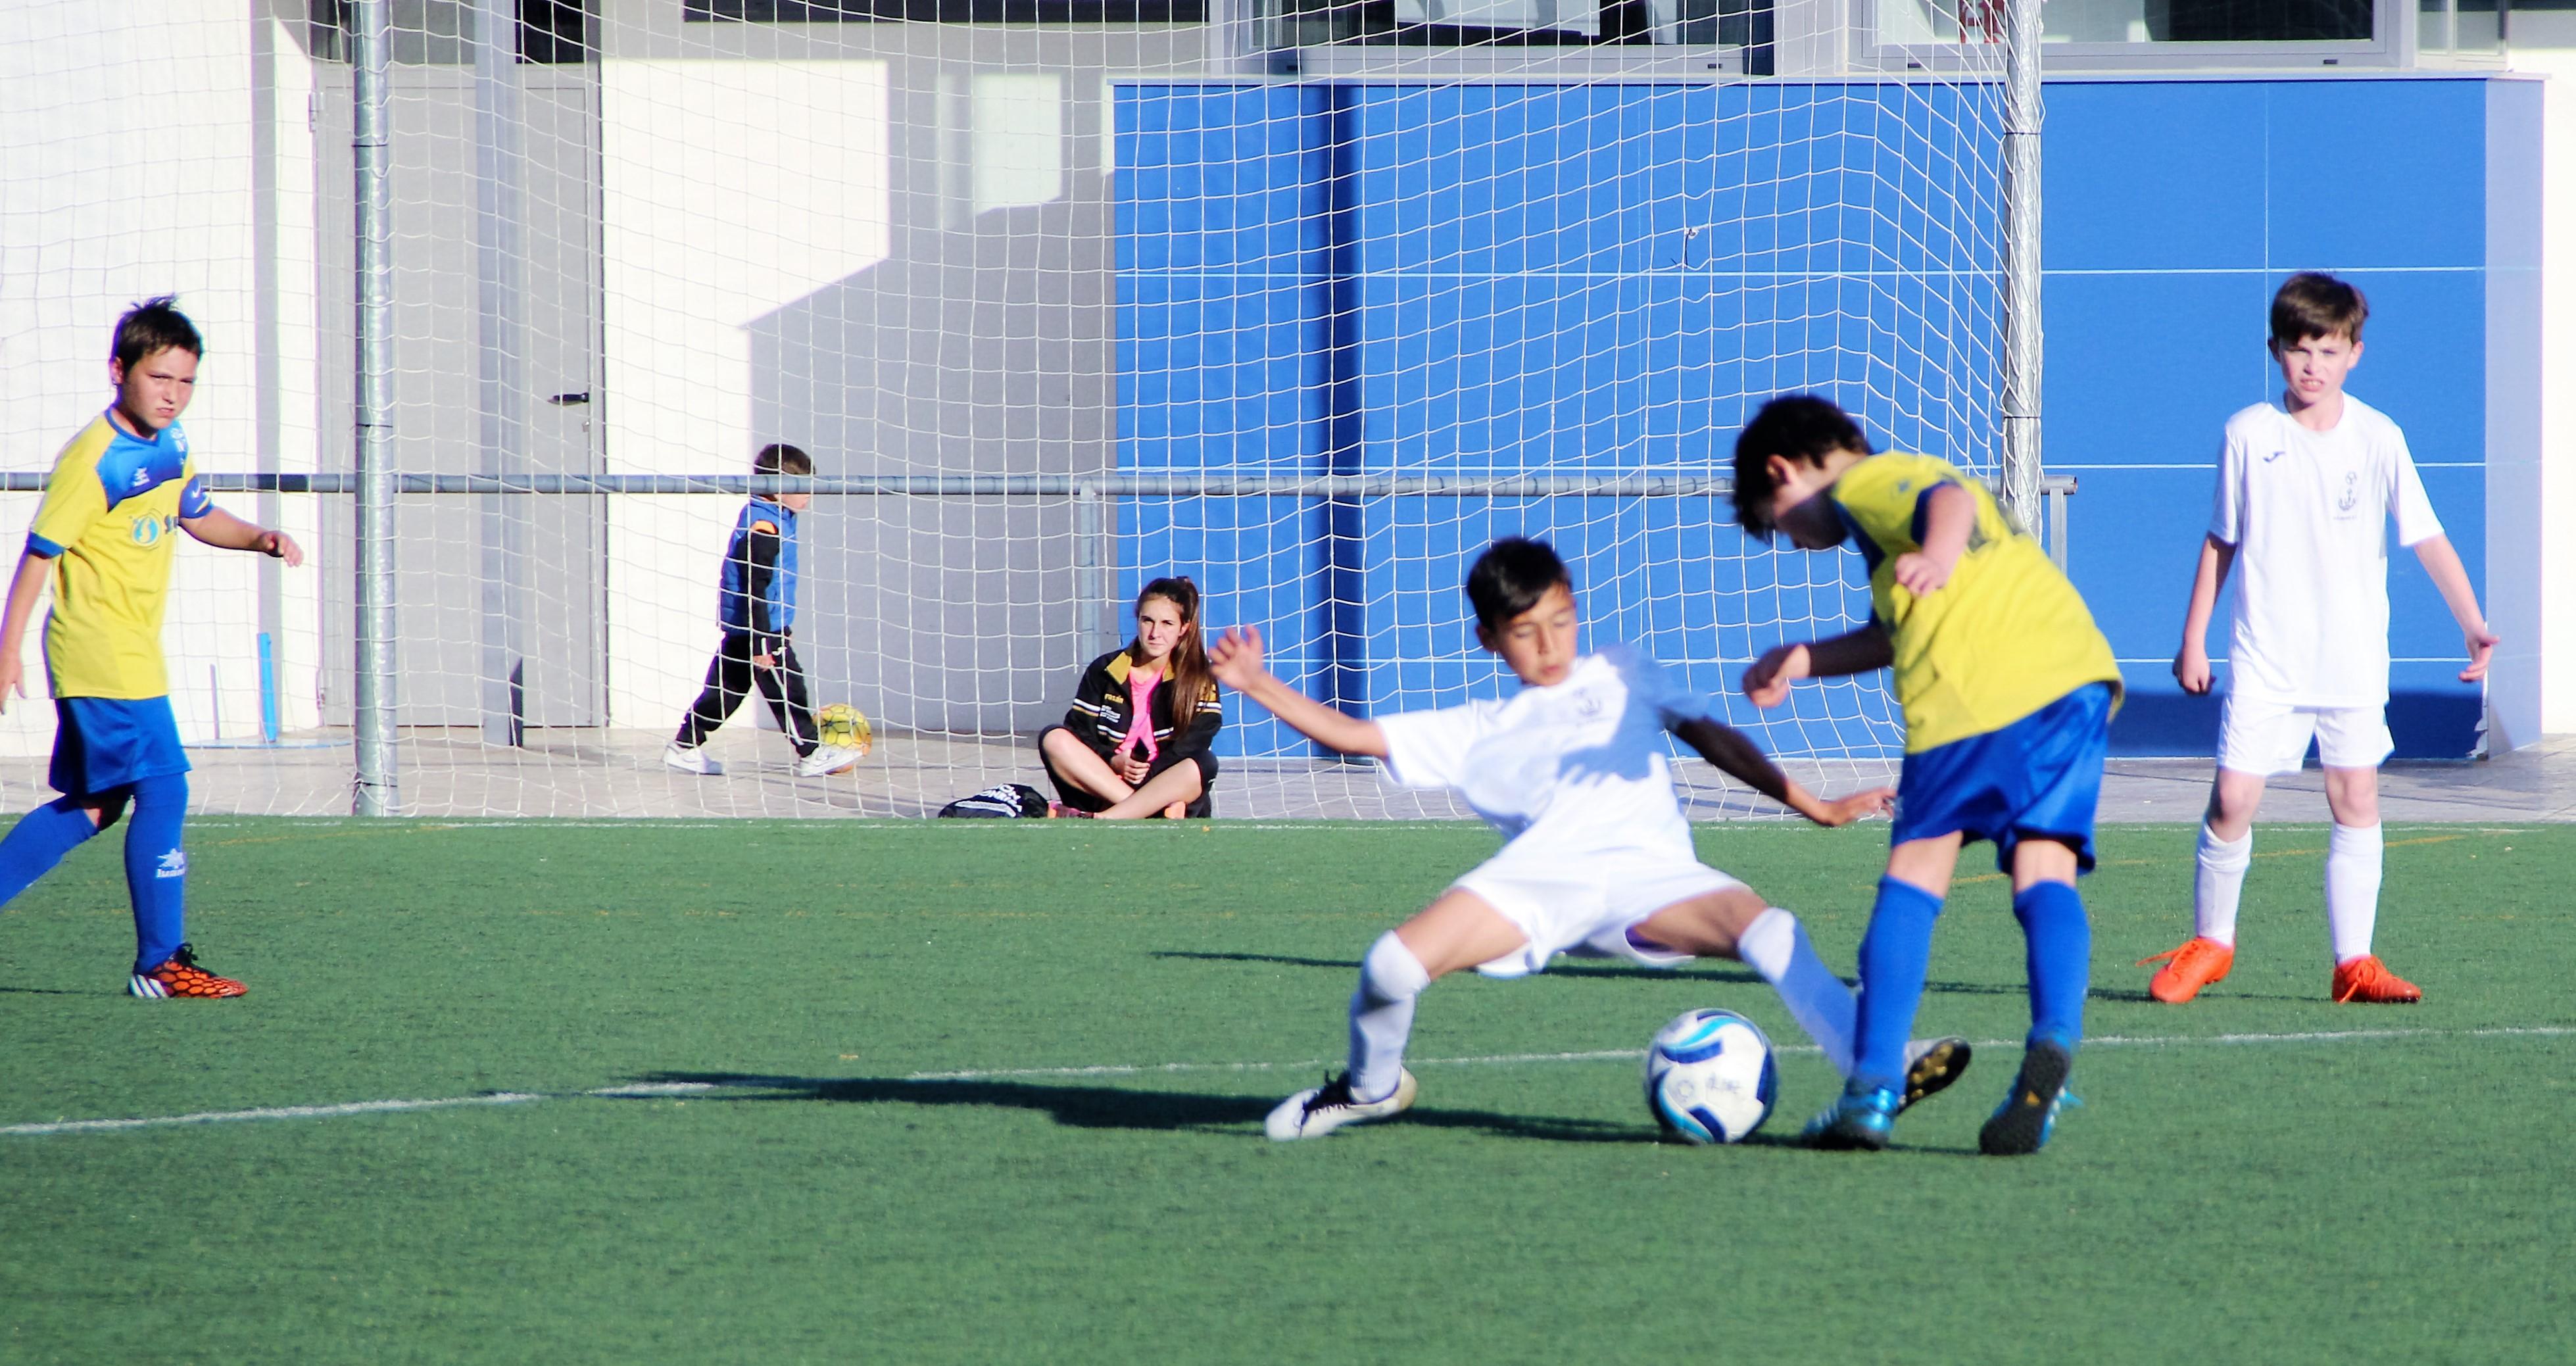 El próximo fin de  semana se celebra  la 9ª edición de la Marina Baixa  Cup de Fútbol